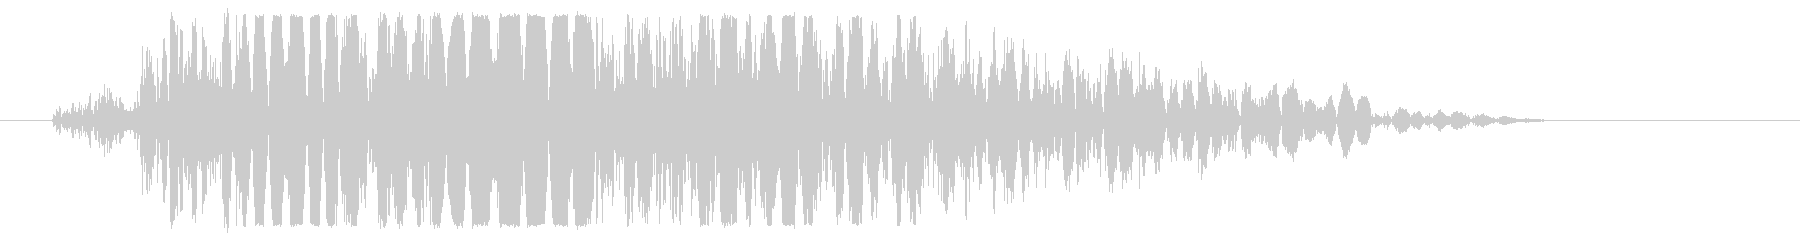 強キック 打撃音 01Hの未再生の波形